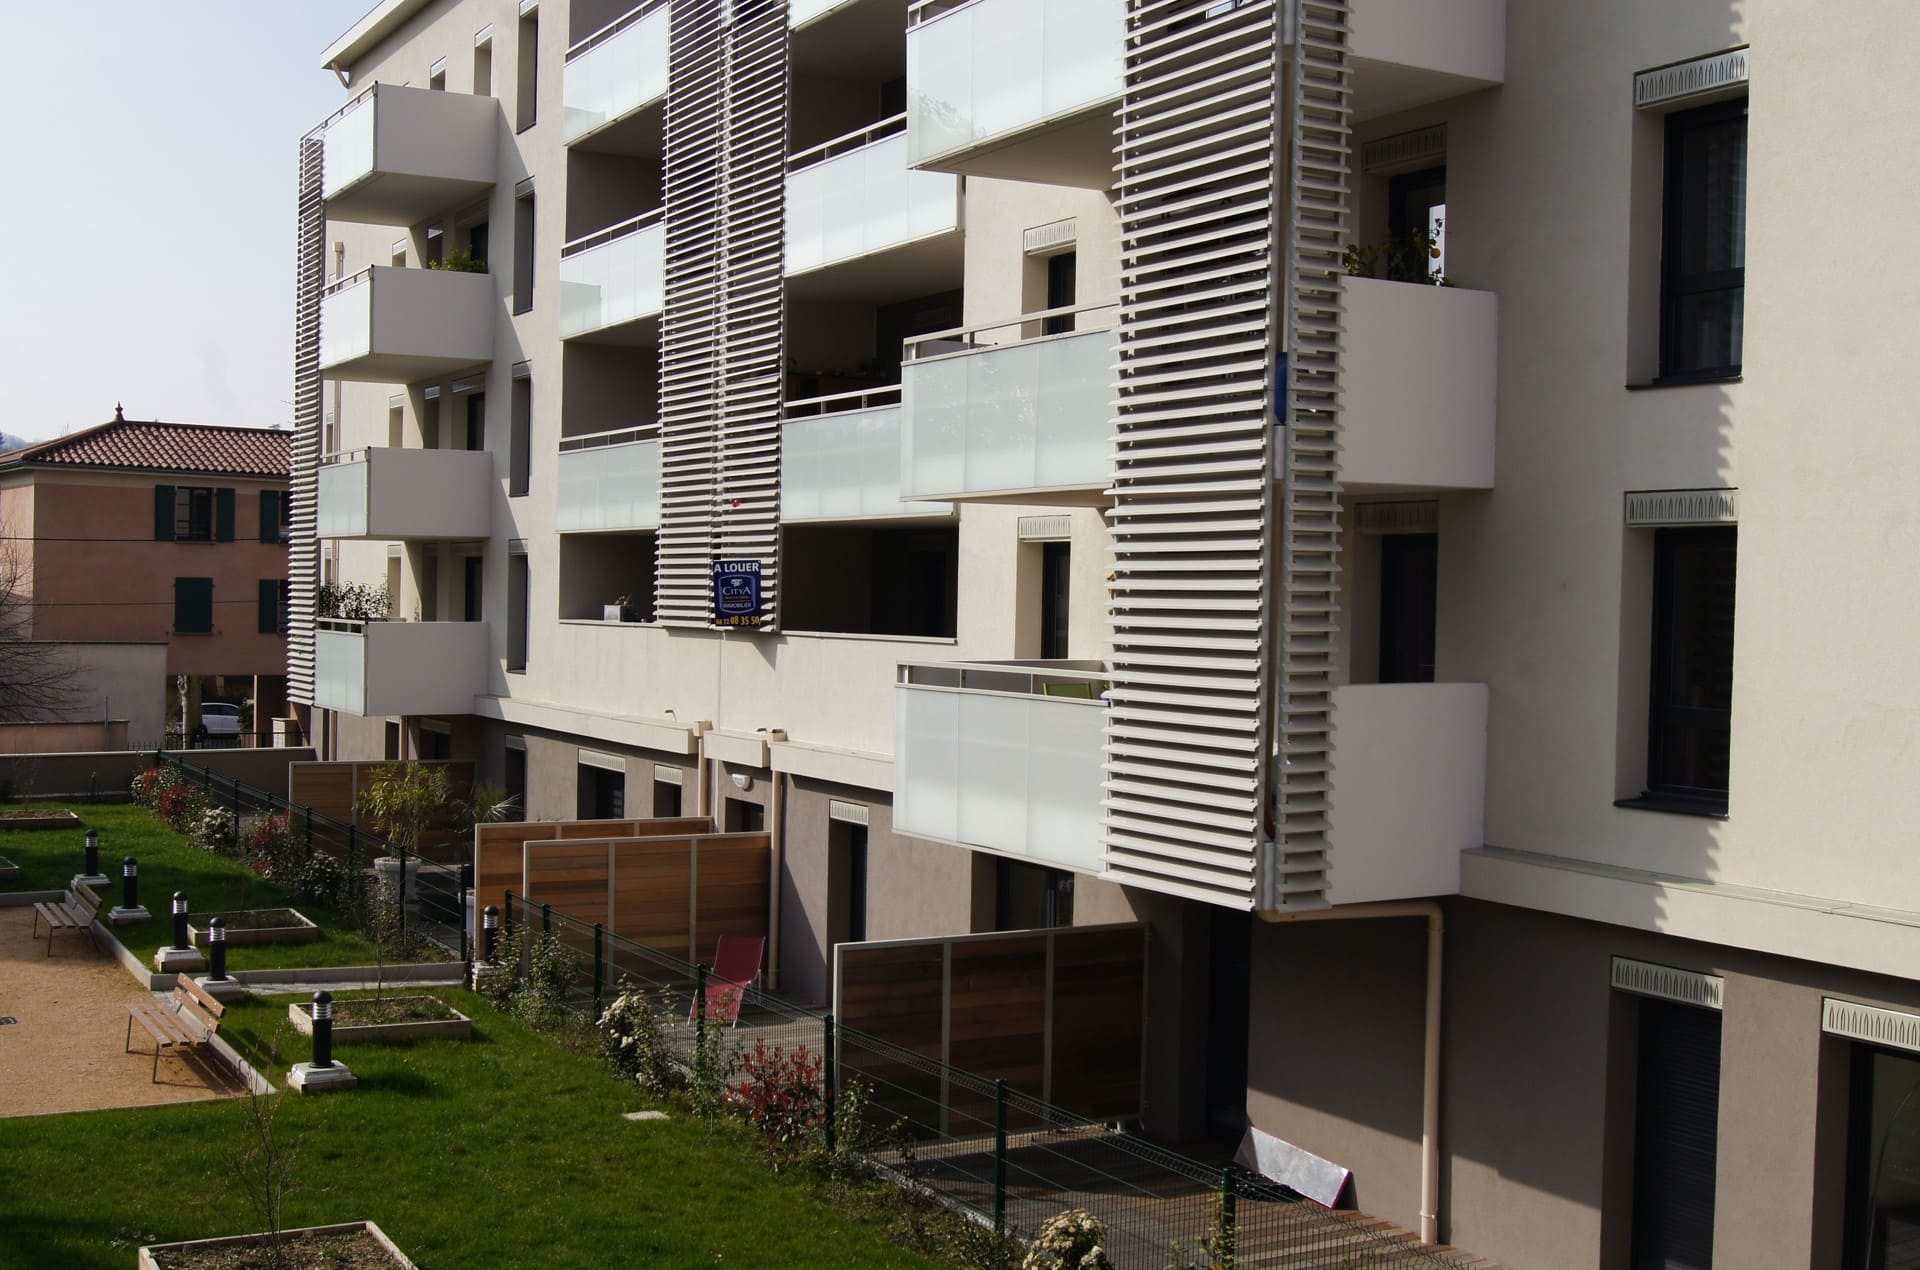 architec-moulin-du-foulon-logements-facade-rue